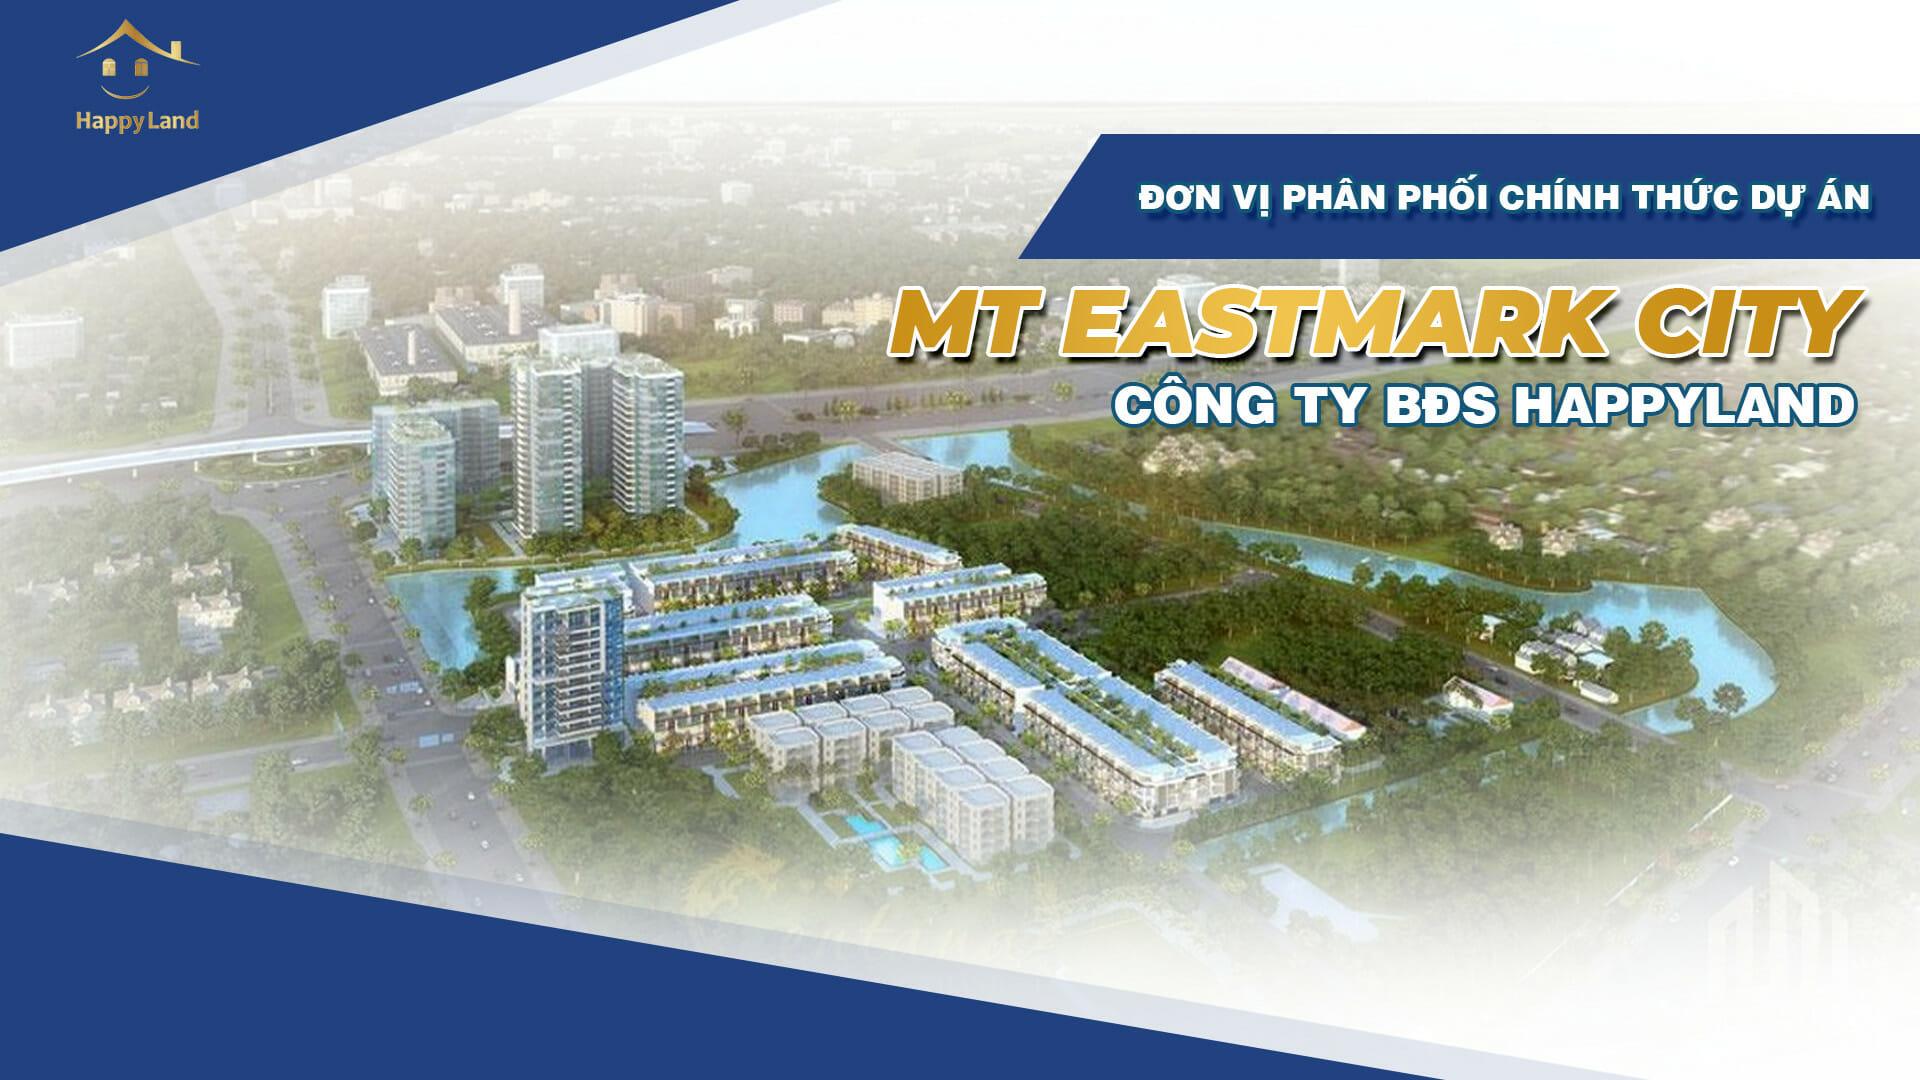 Công ty BĐS Happyland tự hào là đơn vị phân phối chính thức của dự án MT Eastmark City